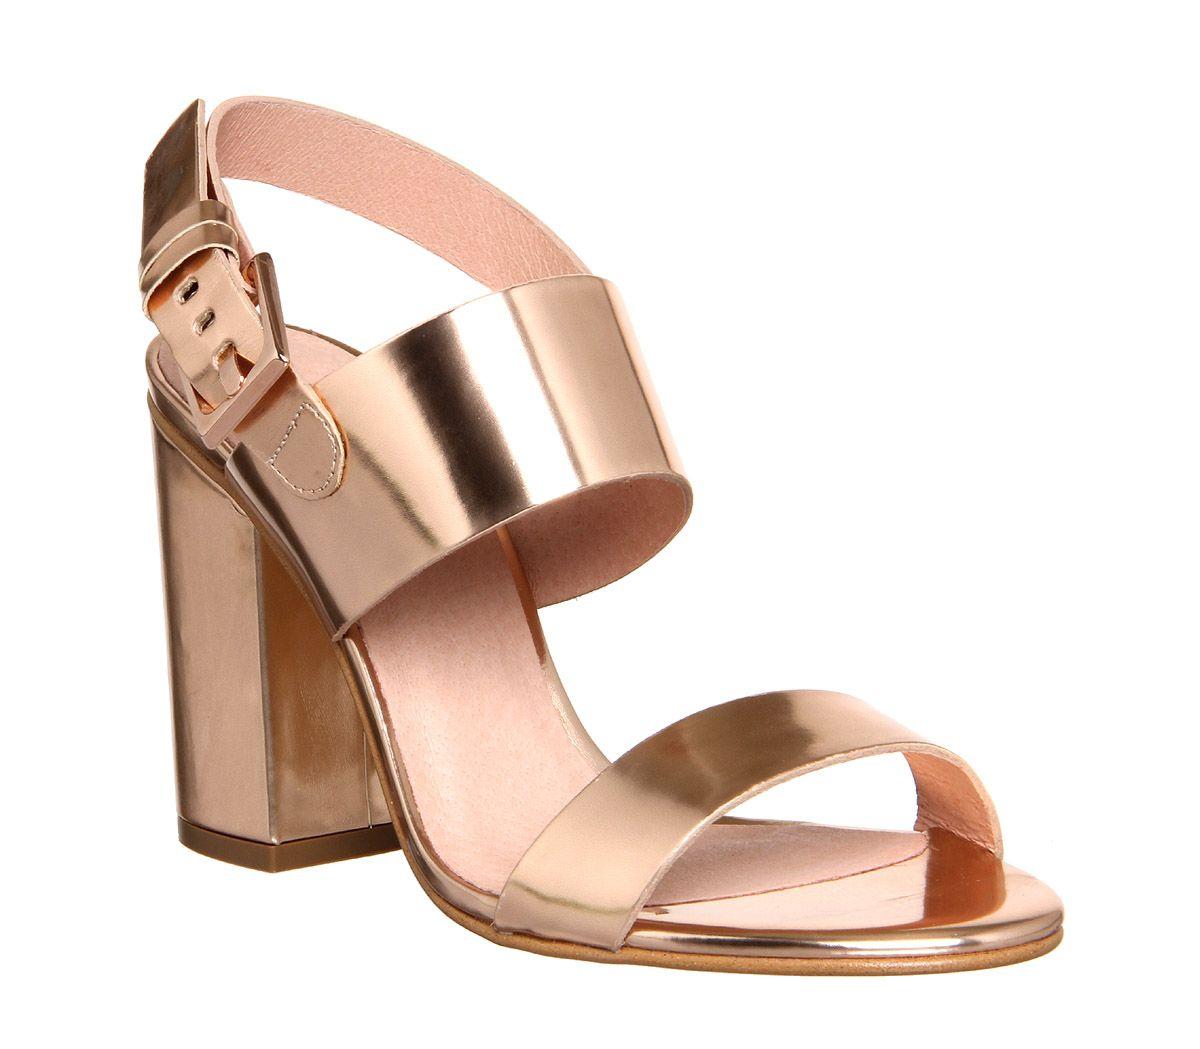 Black sandals gold heel - High Heels